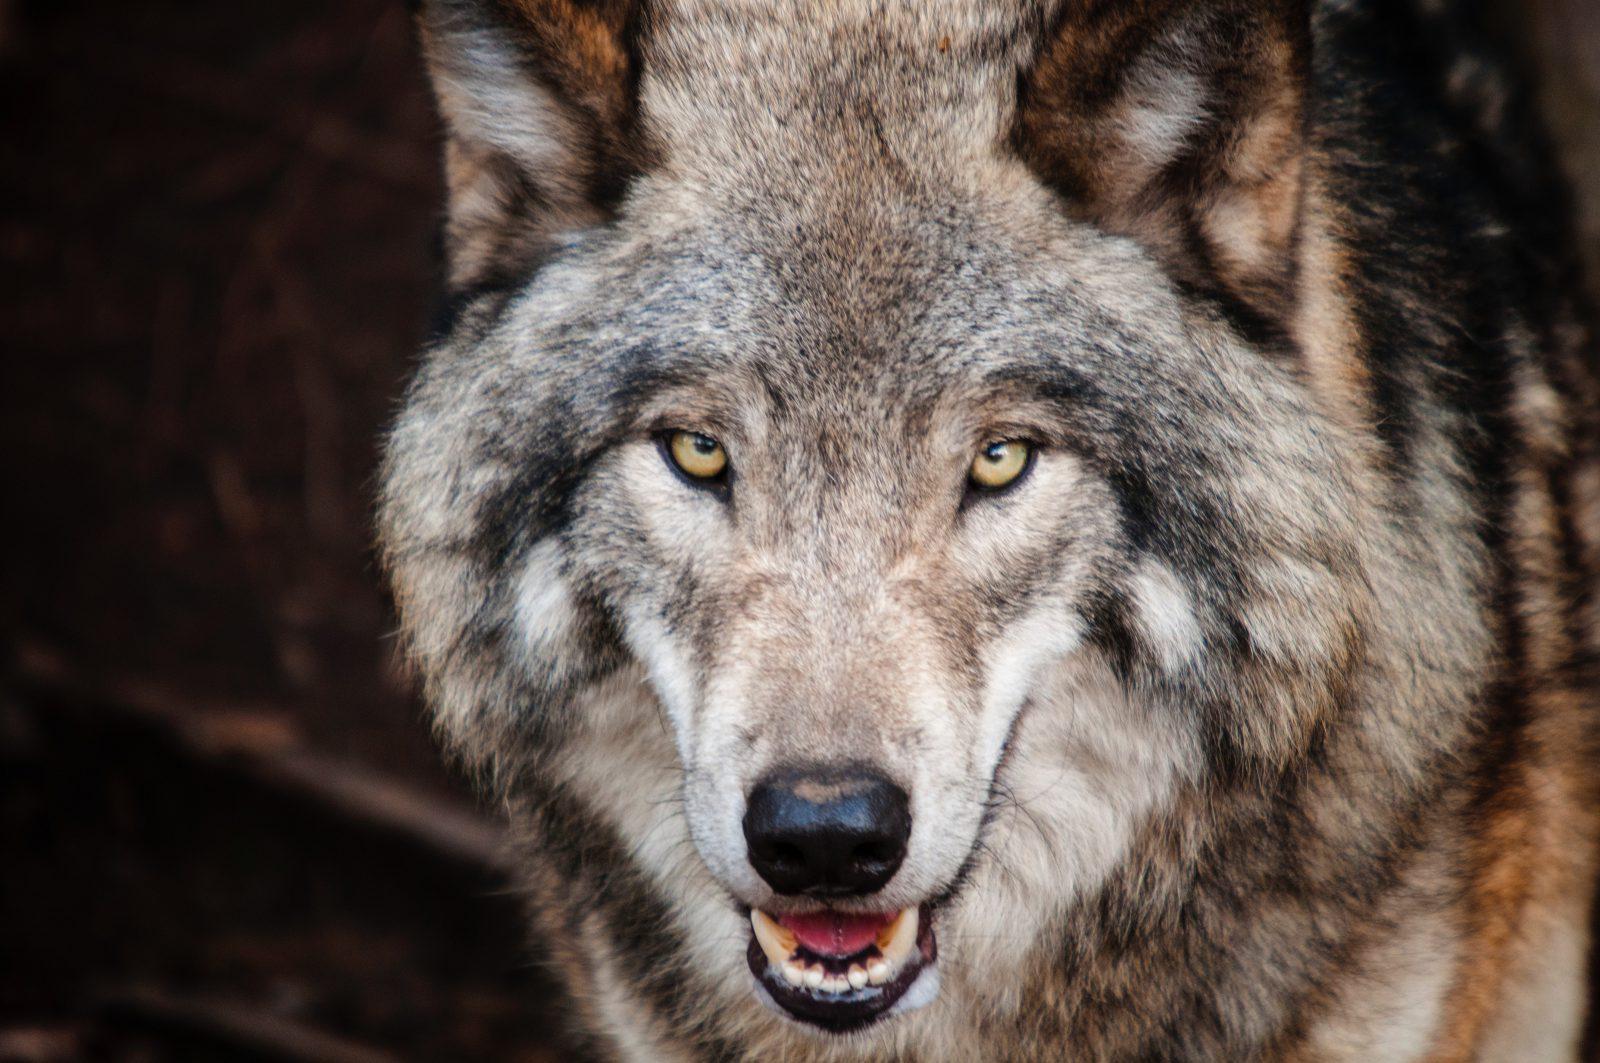 Cachorro lobo: especialistas encontraram genes de coiotes em cachorros.